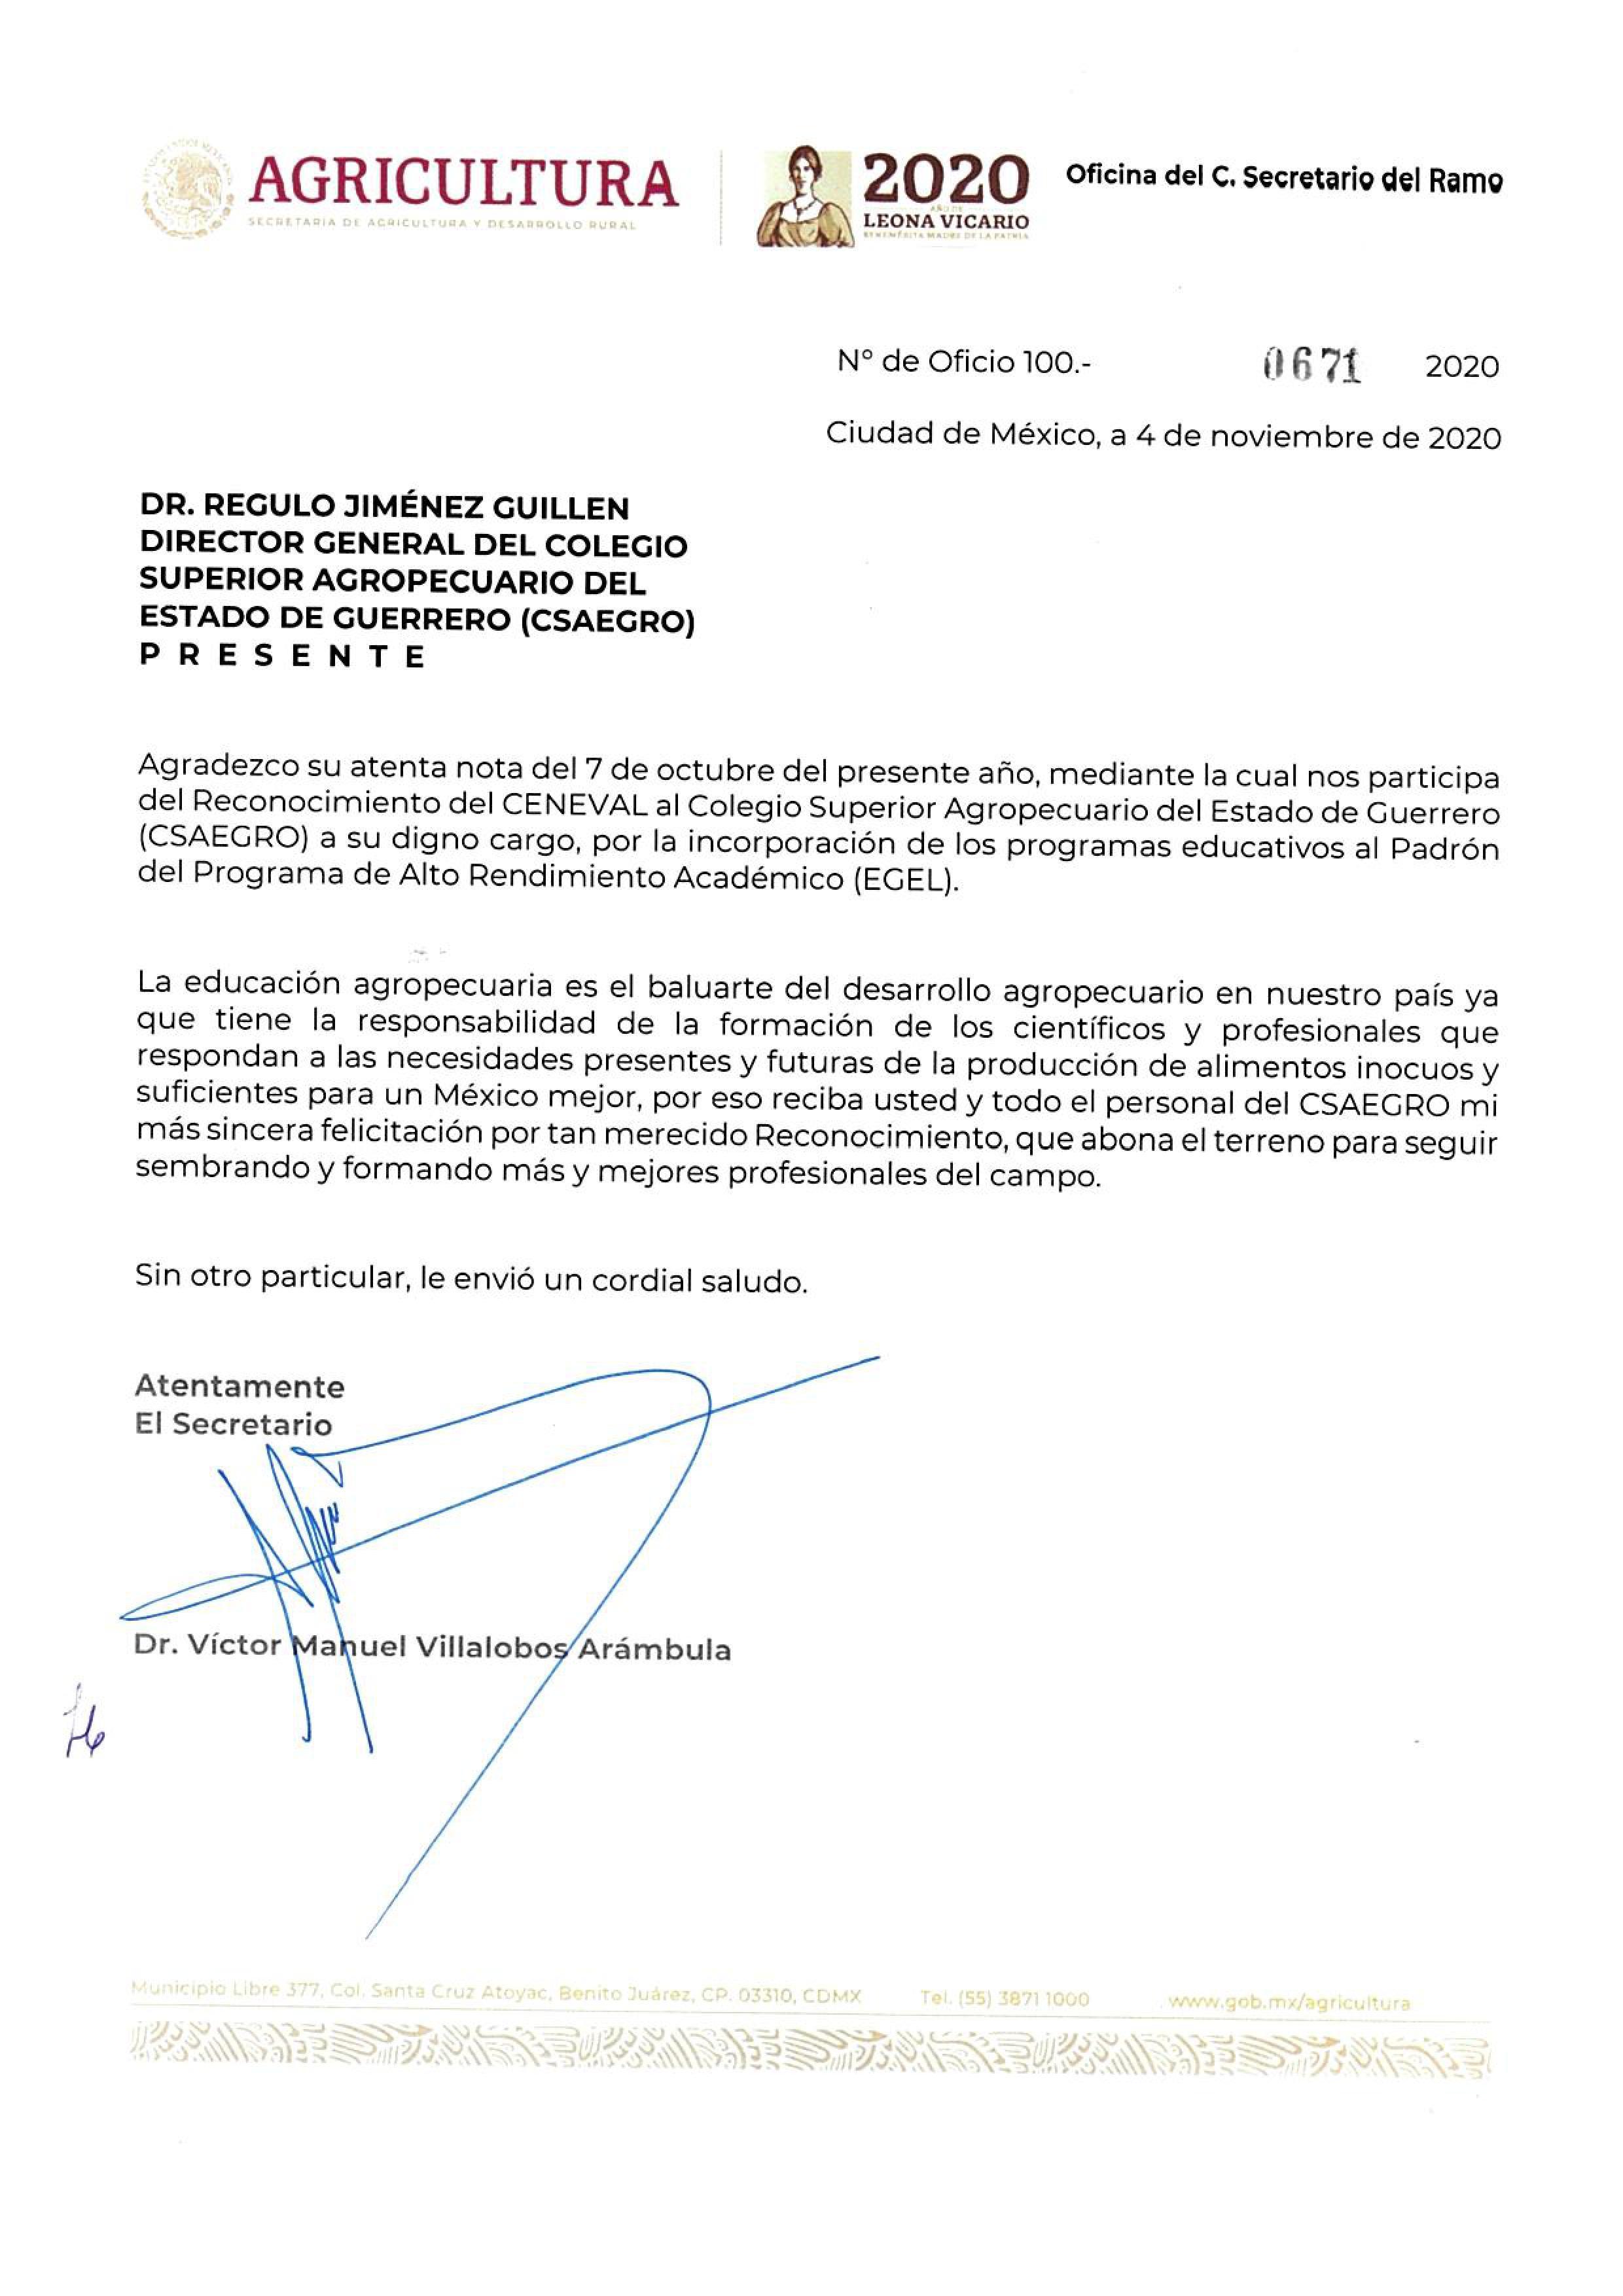 oficio 100.-0671 FELICITACIÓN RECONOCIMIENTO CSAEGRO